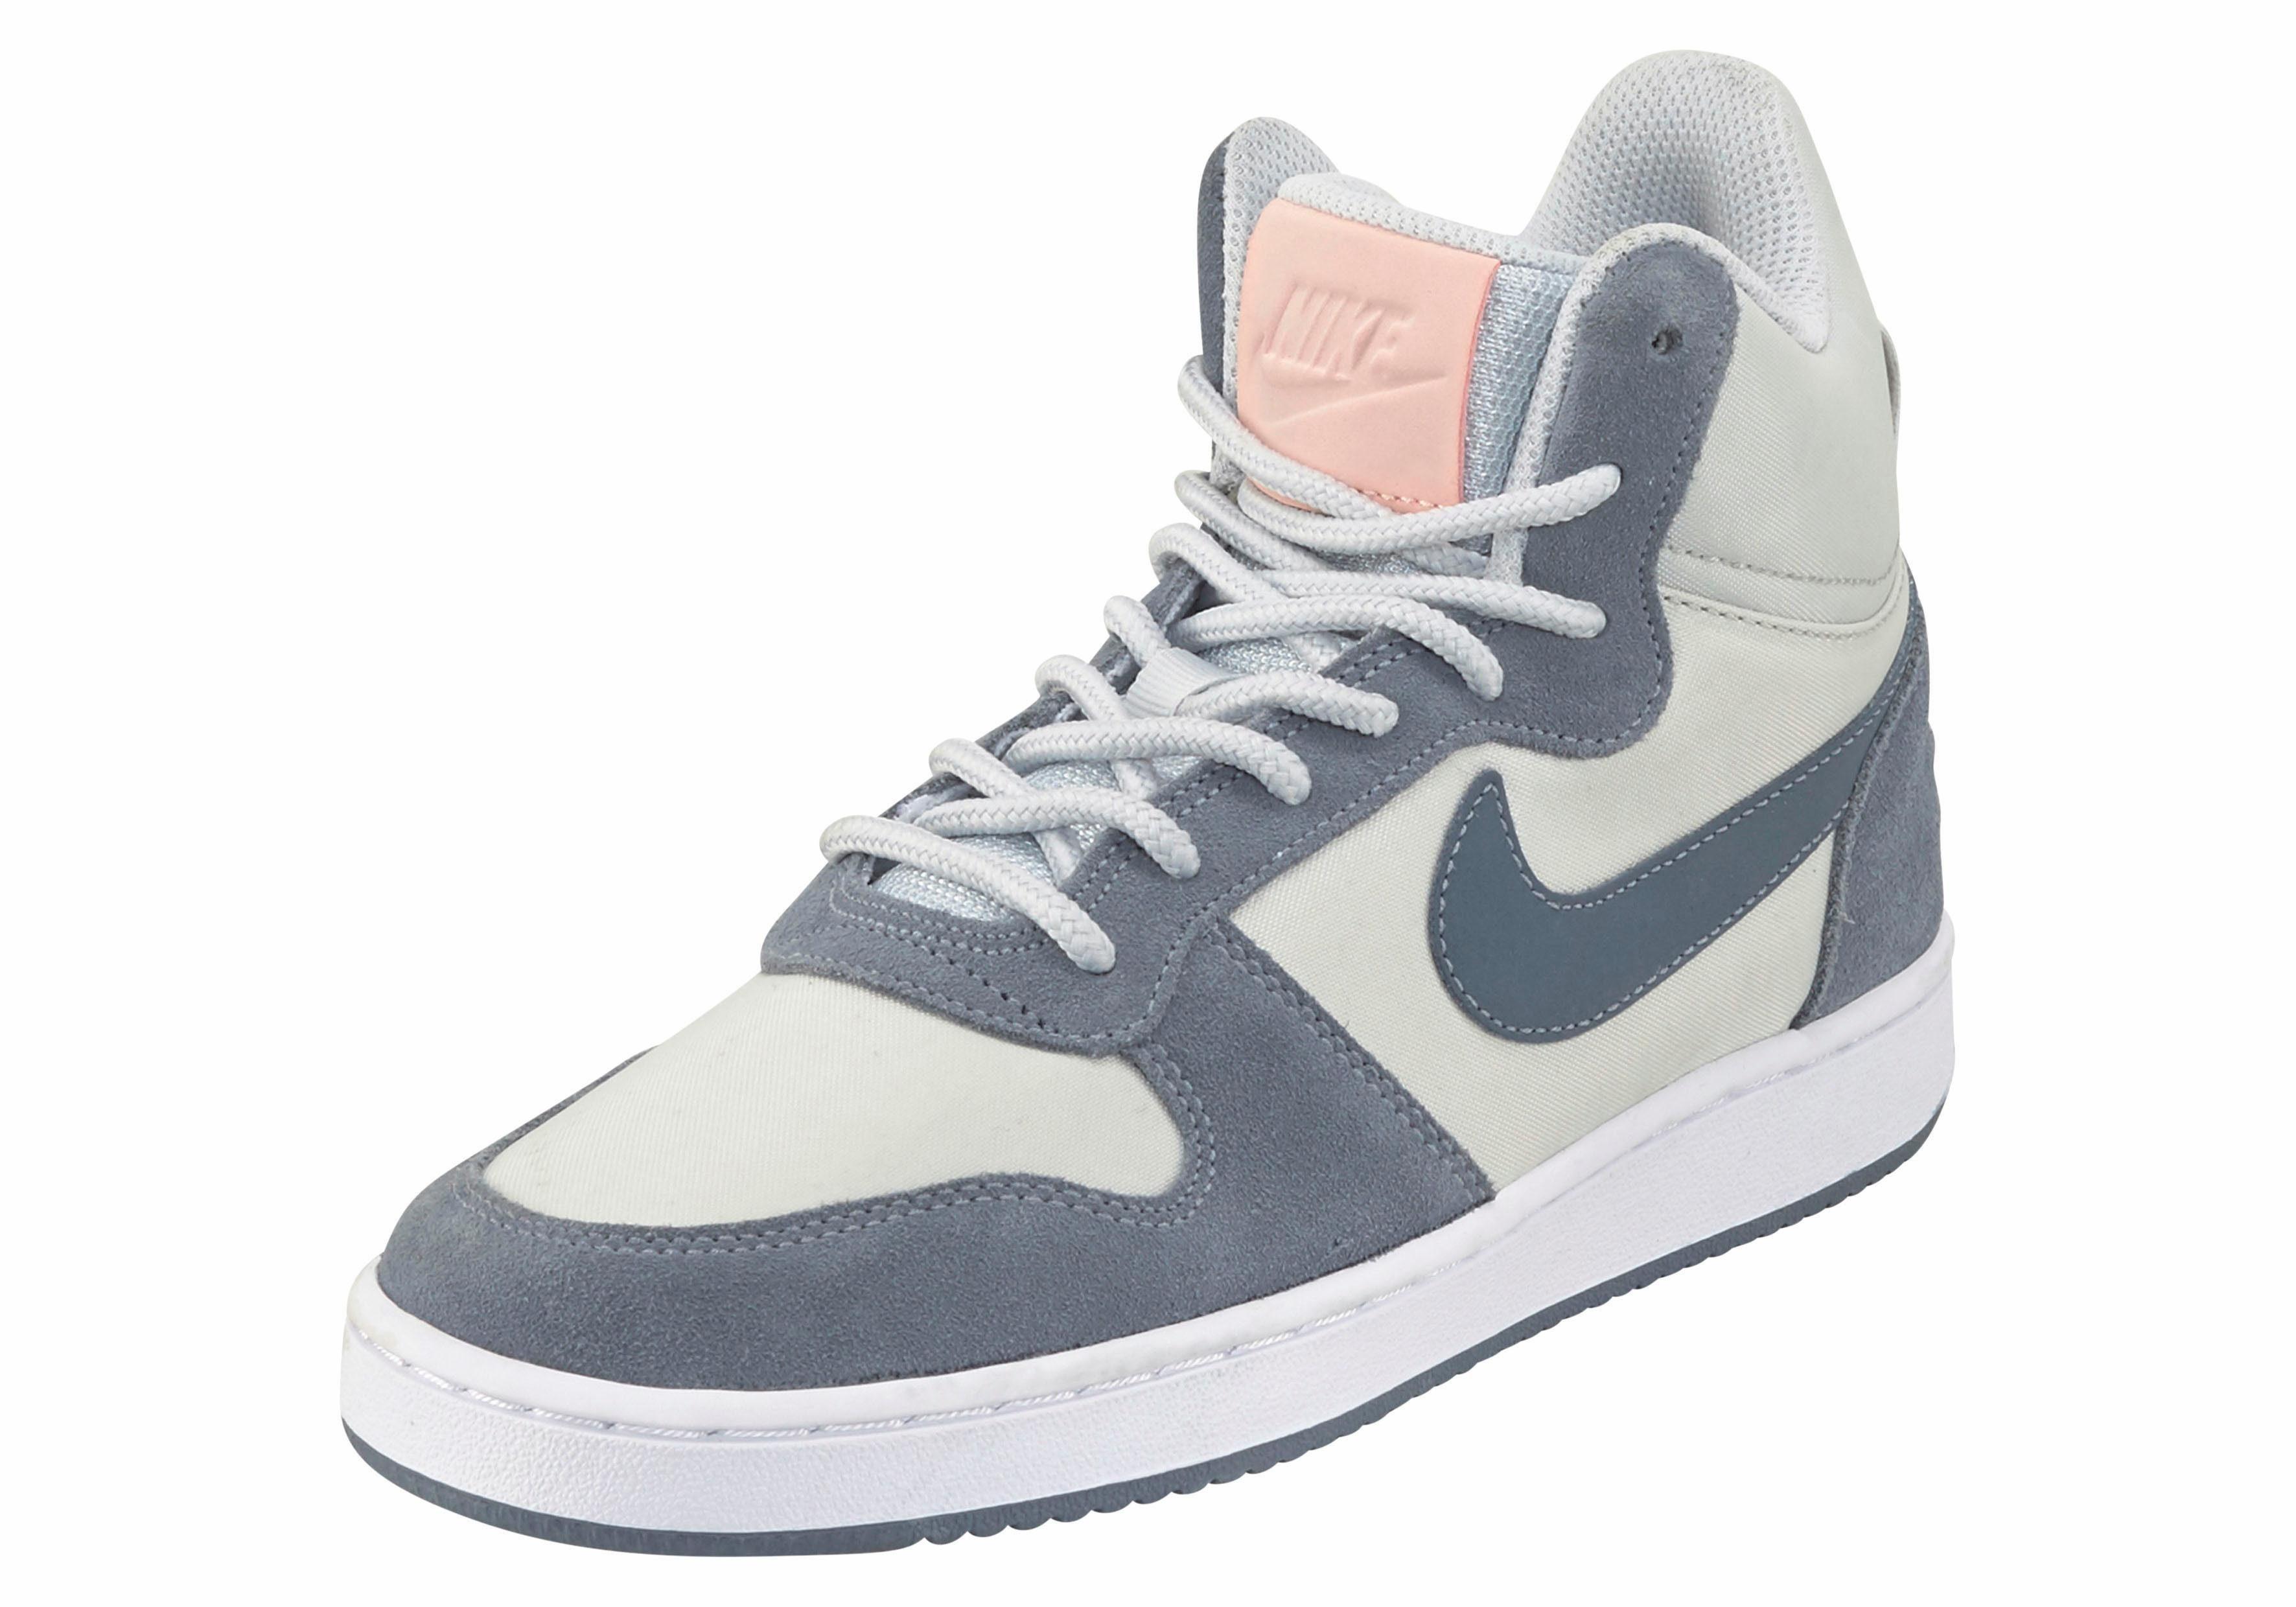 Gris Nike Baskets Quartier Cour Hommes Mi Prem 2Dkvzoxh